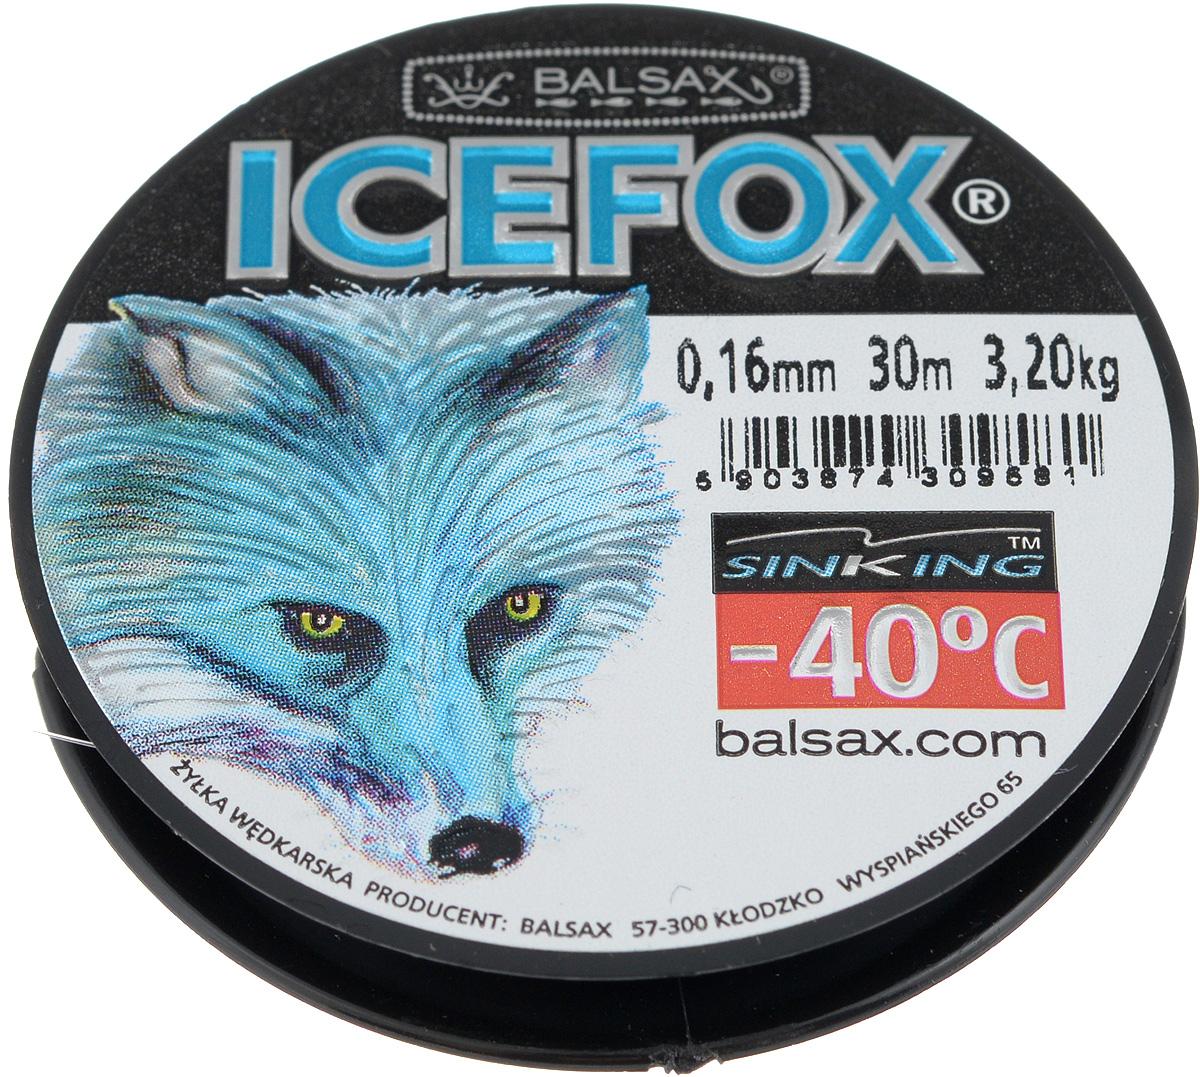 Леска зимняя Balsax Ice Fox, 30 м, 0,16 мм, 3,2 кг59284Леска Balsax Ice Fox изготовлена из 100% нейлона и очень хорошо выдерживаетнизкие температуры. Даже в самом холодном климате, при температуре вплотьдо -40°C, она сохраняет свои свойствапрактически без изменений, в то время как традиционные лески становятся менееэластичными и теряют прочность. Поверхность лески обработана таким образом, что она не обмерзает и отличноподходит для подледного лова. Прочна вместах вязки узлов даже при минимальном диаметре.